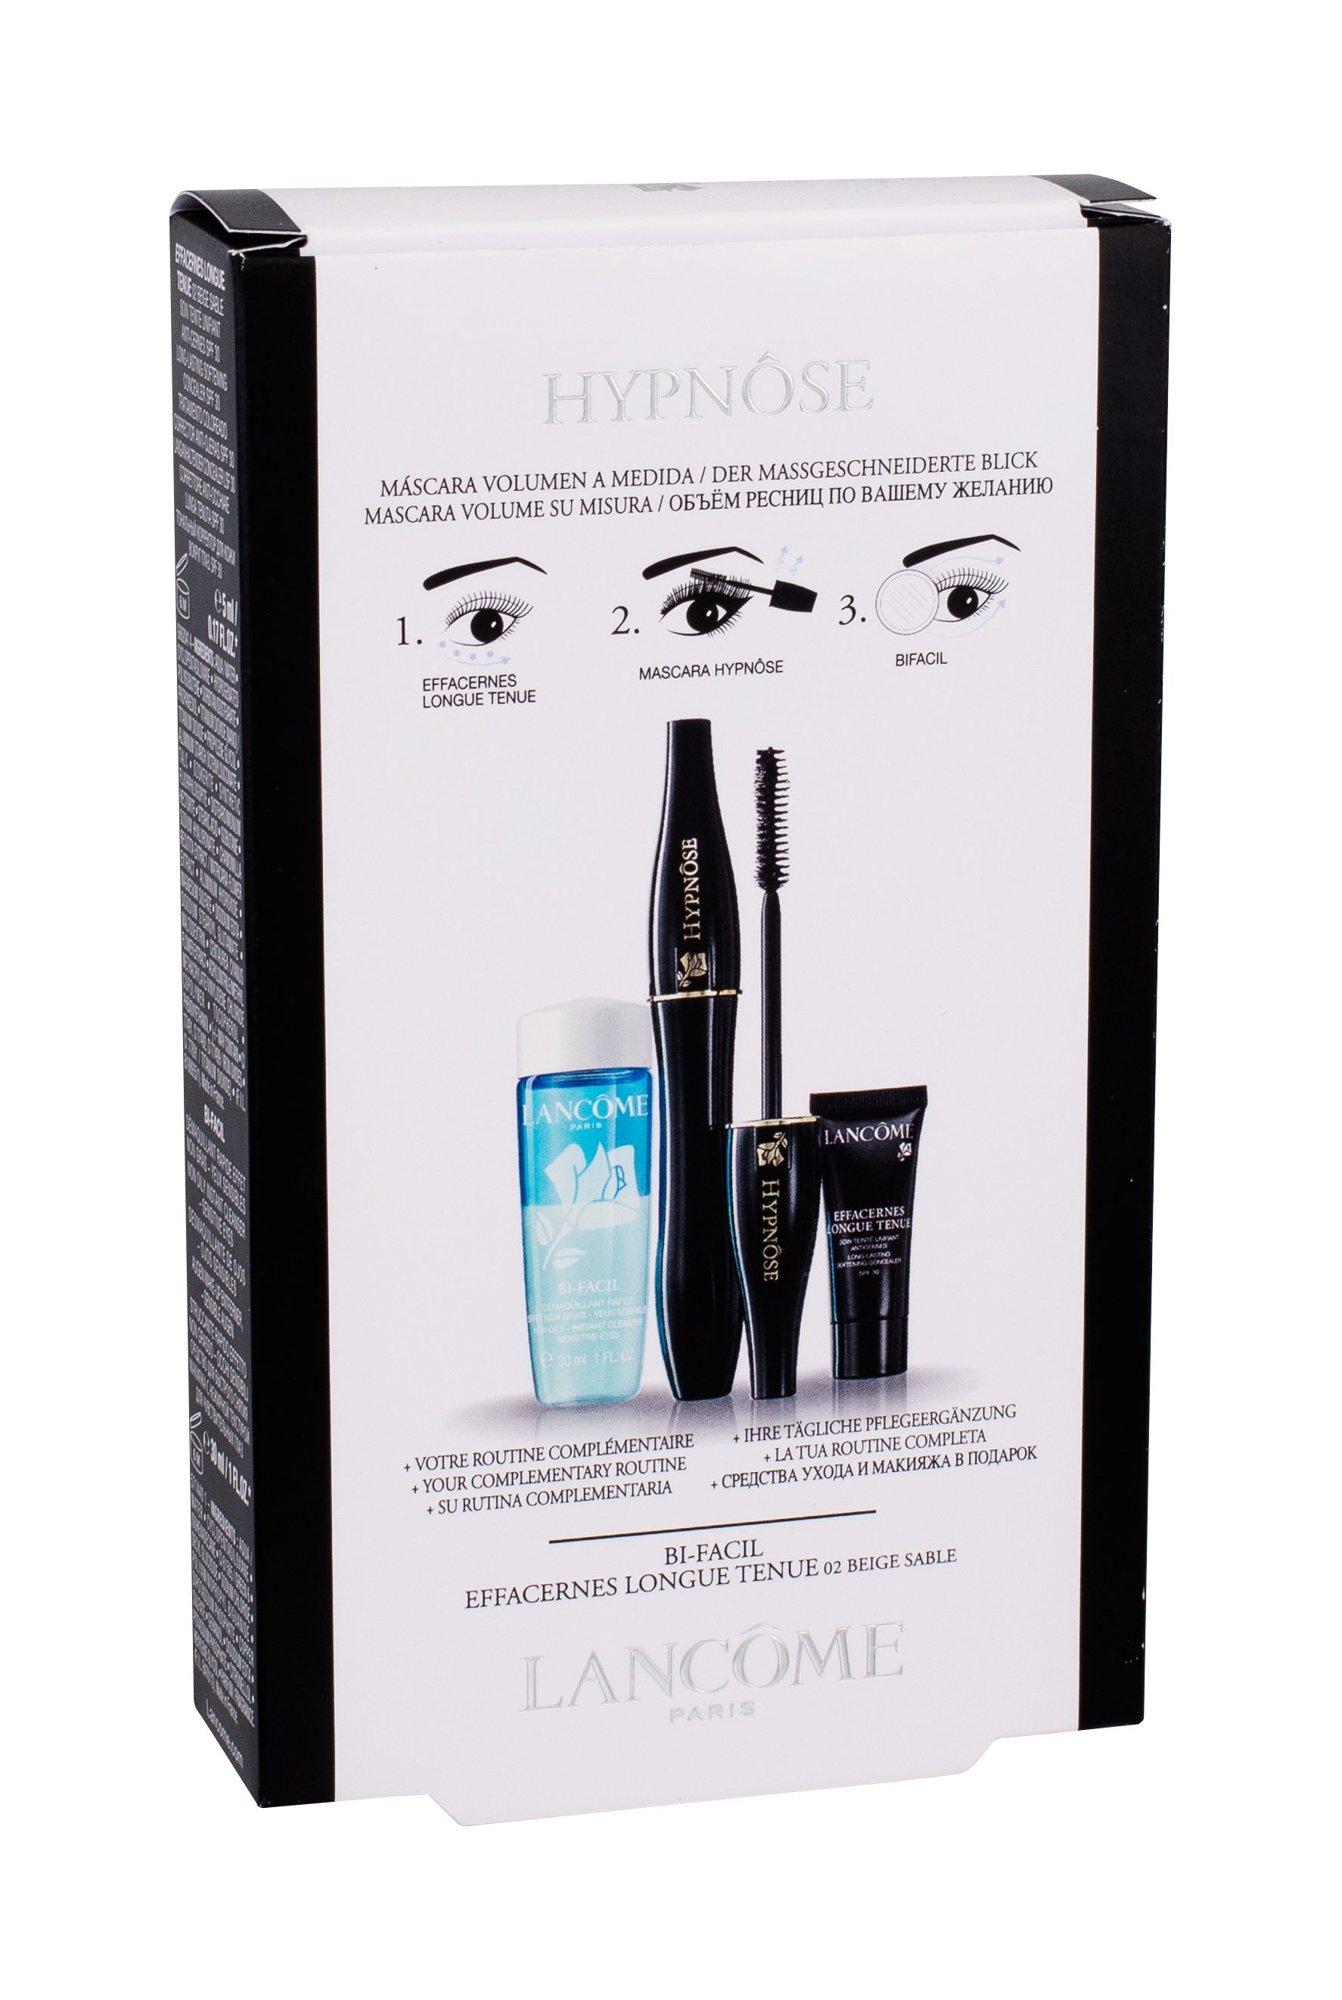 Lancôme Hypnose Mascara 6,2ml 01 Noir Hypnotic